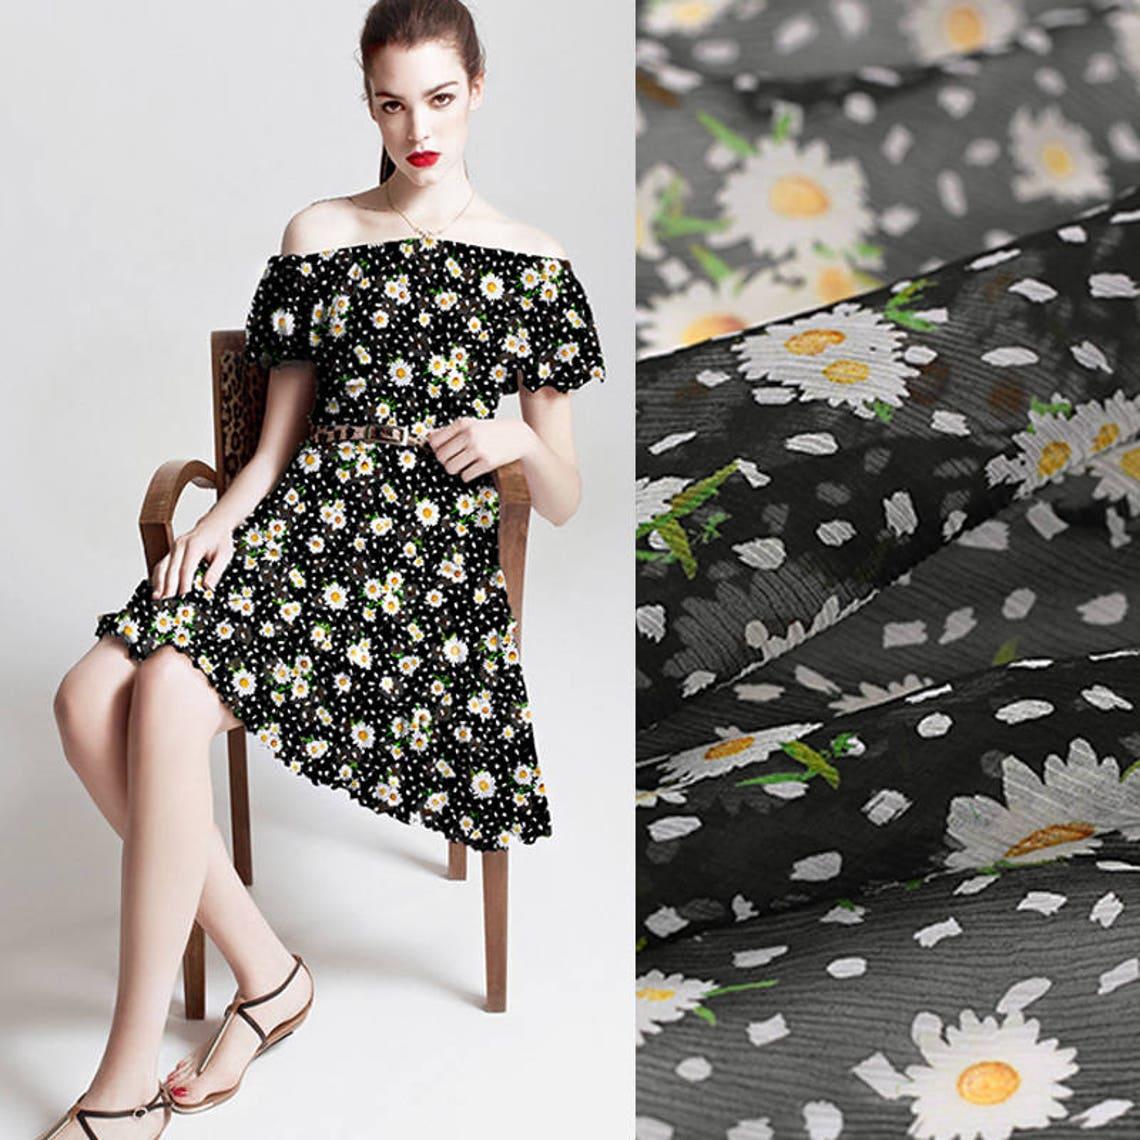 135cm Wide 9mm Daisy Print Black Thin Silk Chiffon Fabric For Etsy